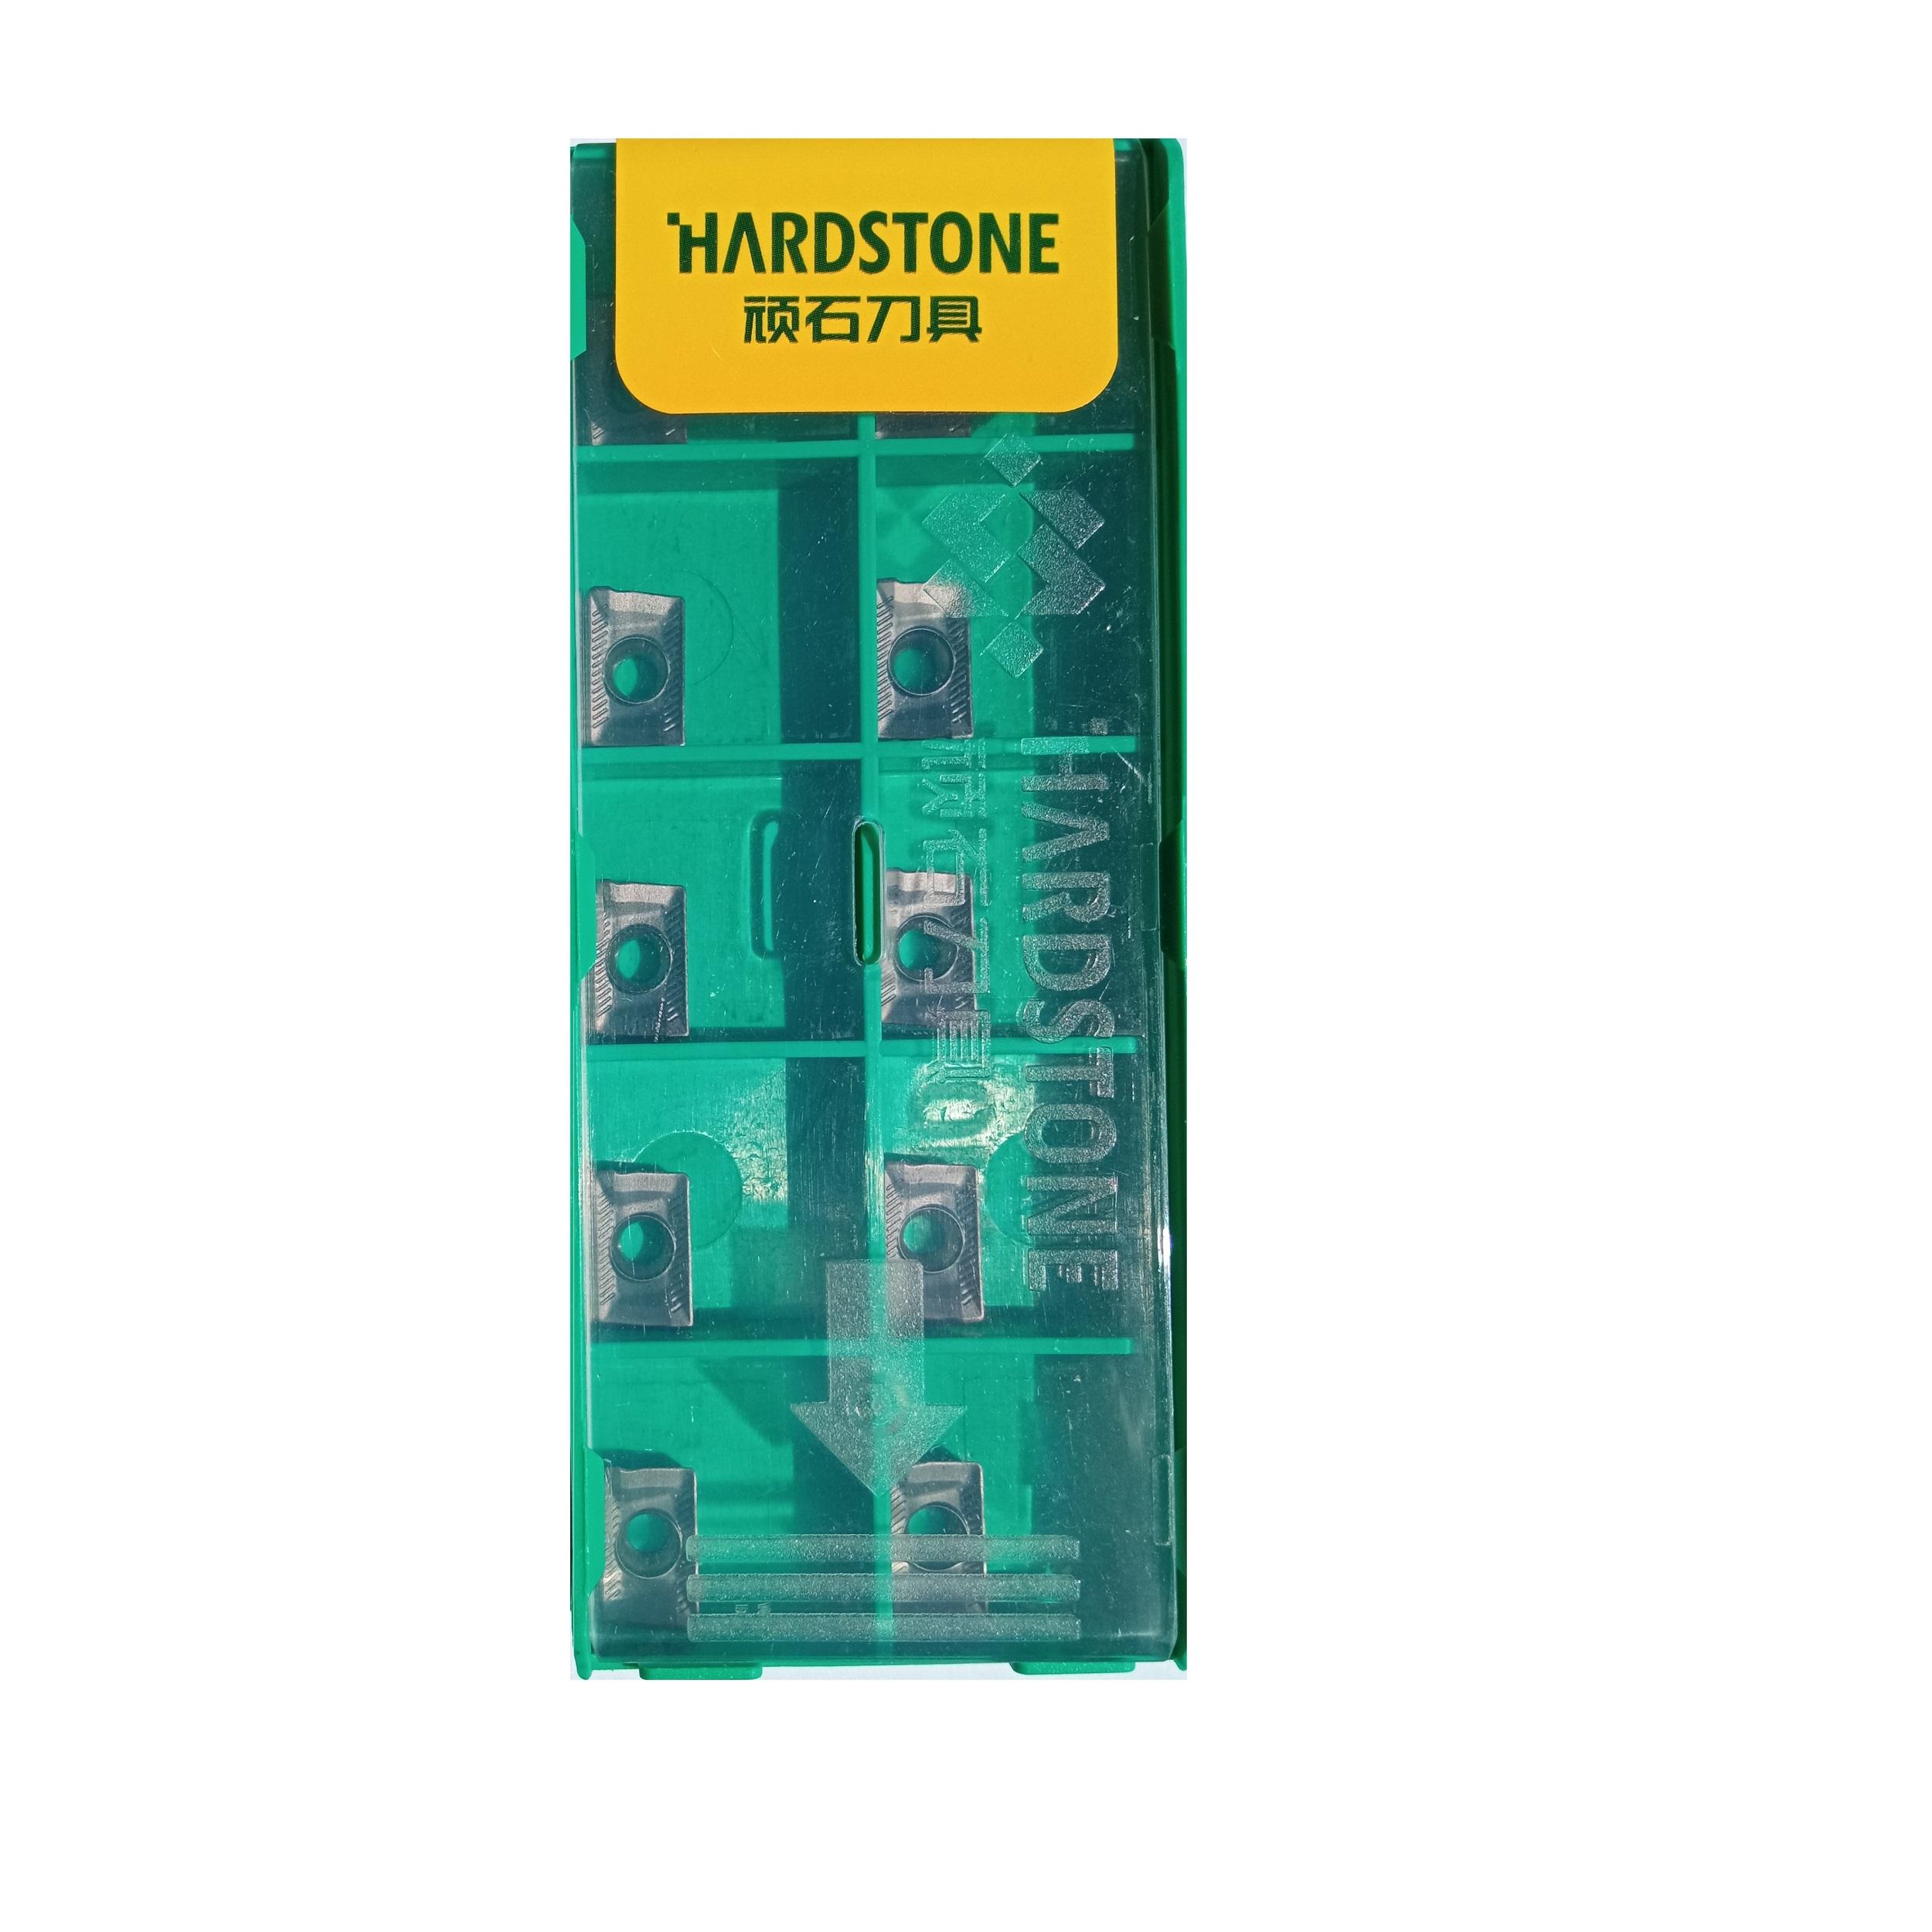 اینسرت  هاردستون مدل APKT1003 بسته 10 عددی